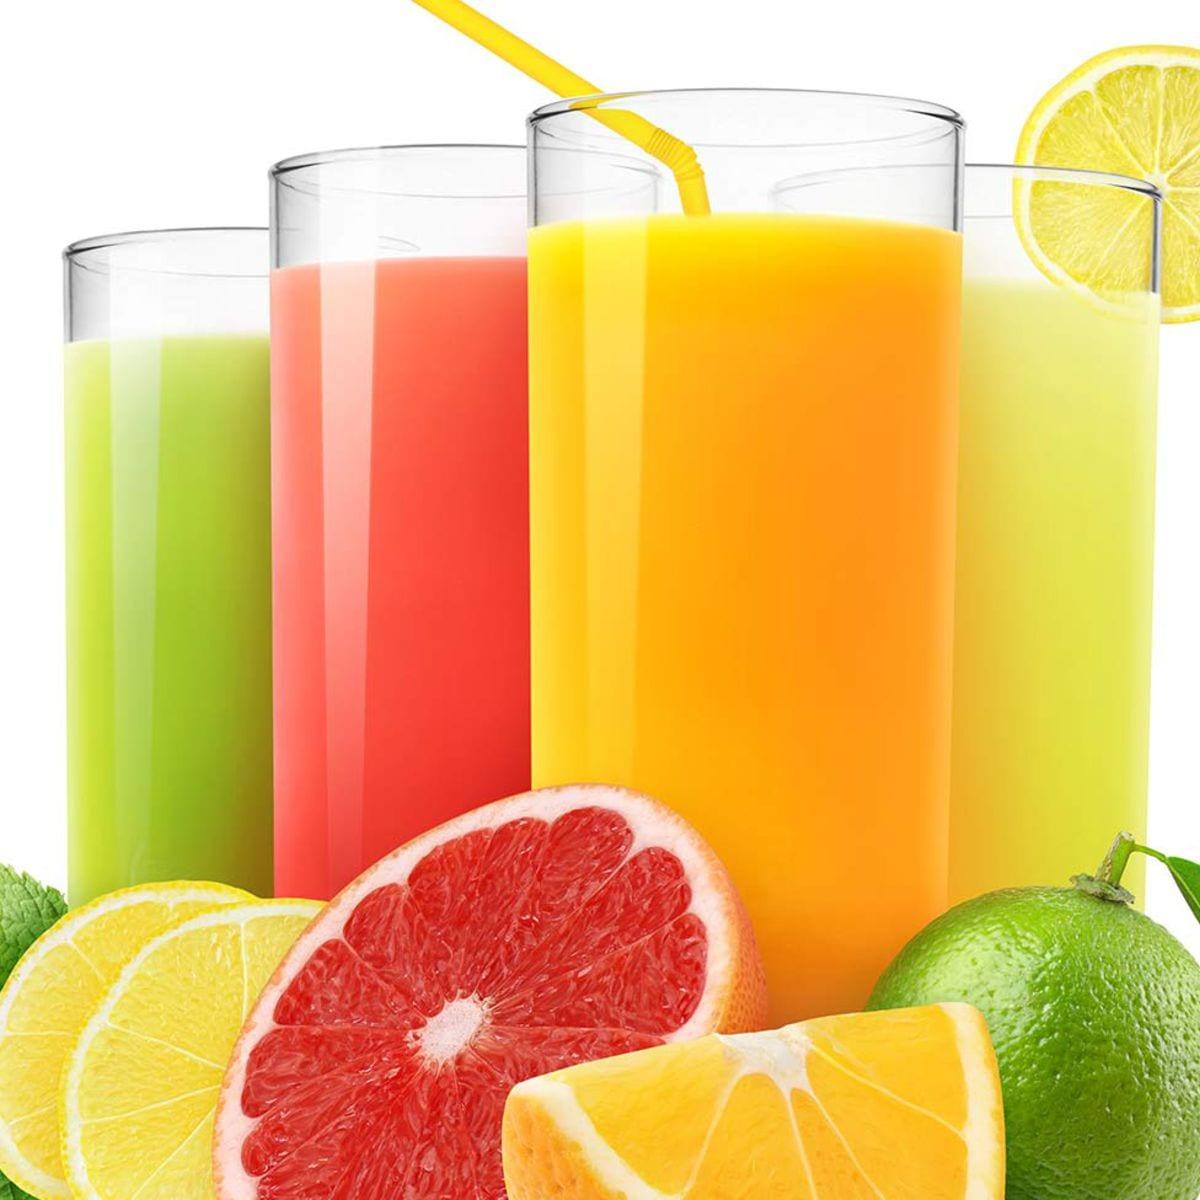 Recherche de vendeurs(euses) de Jus de Fruits